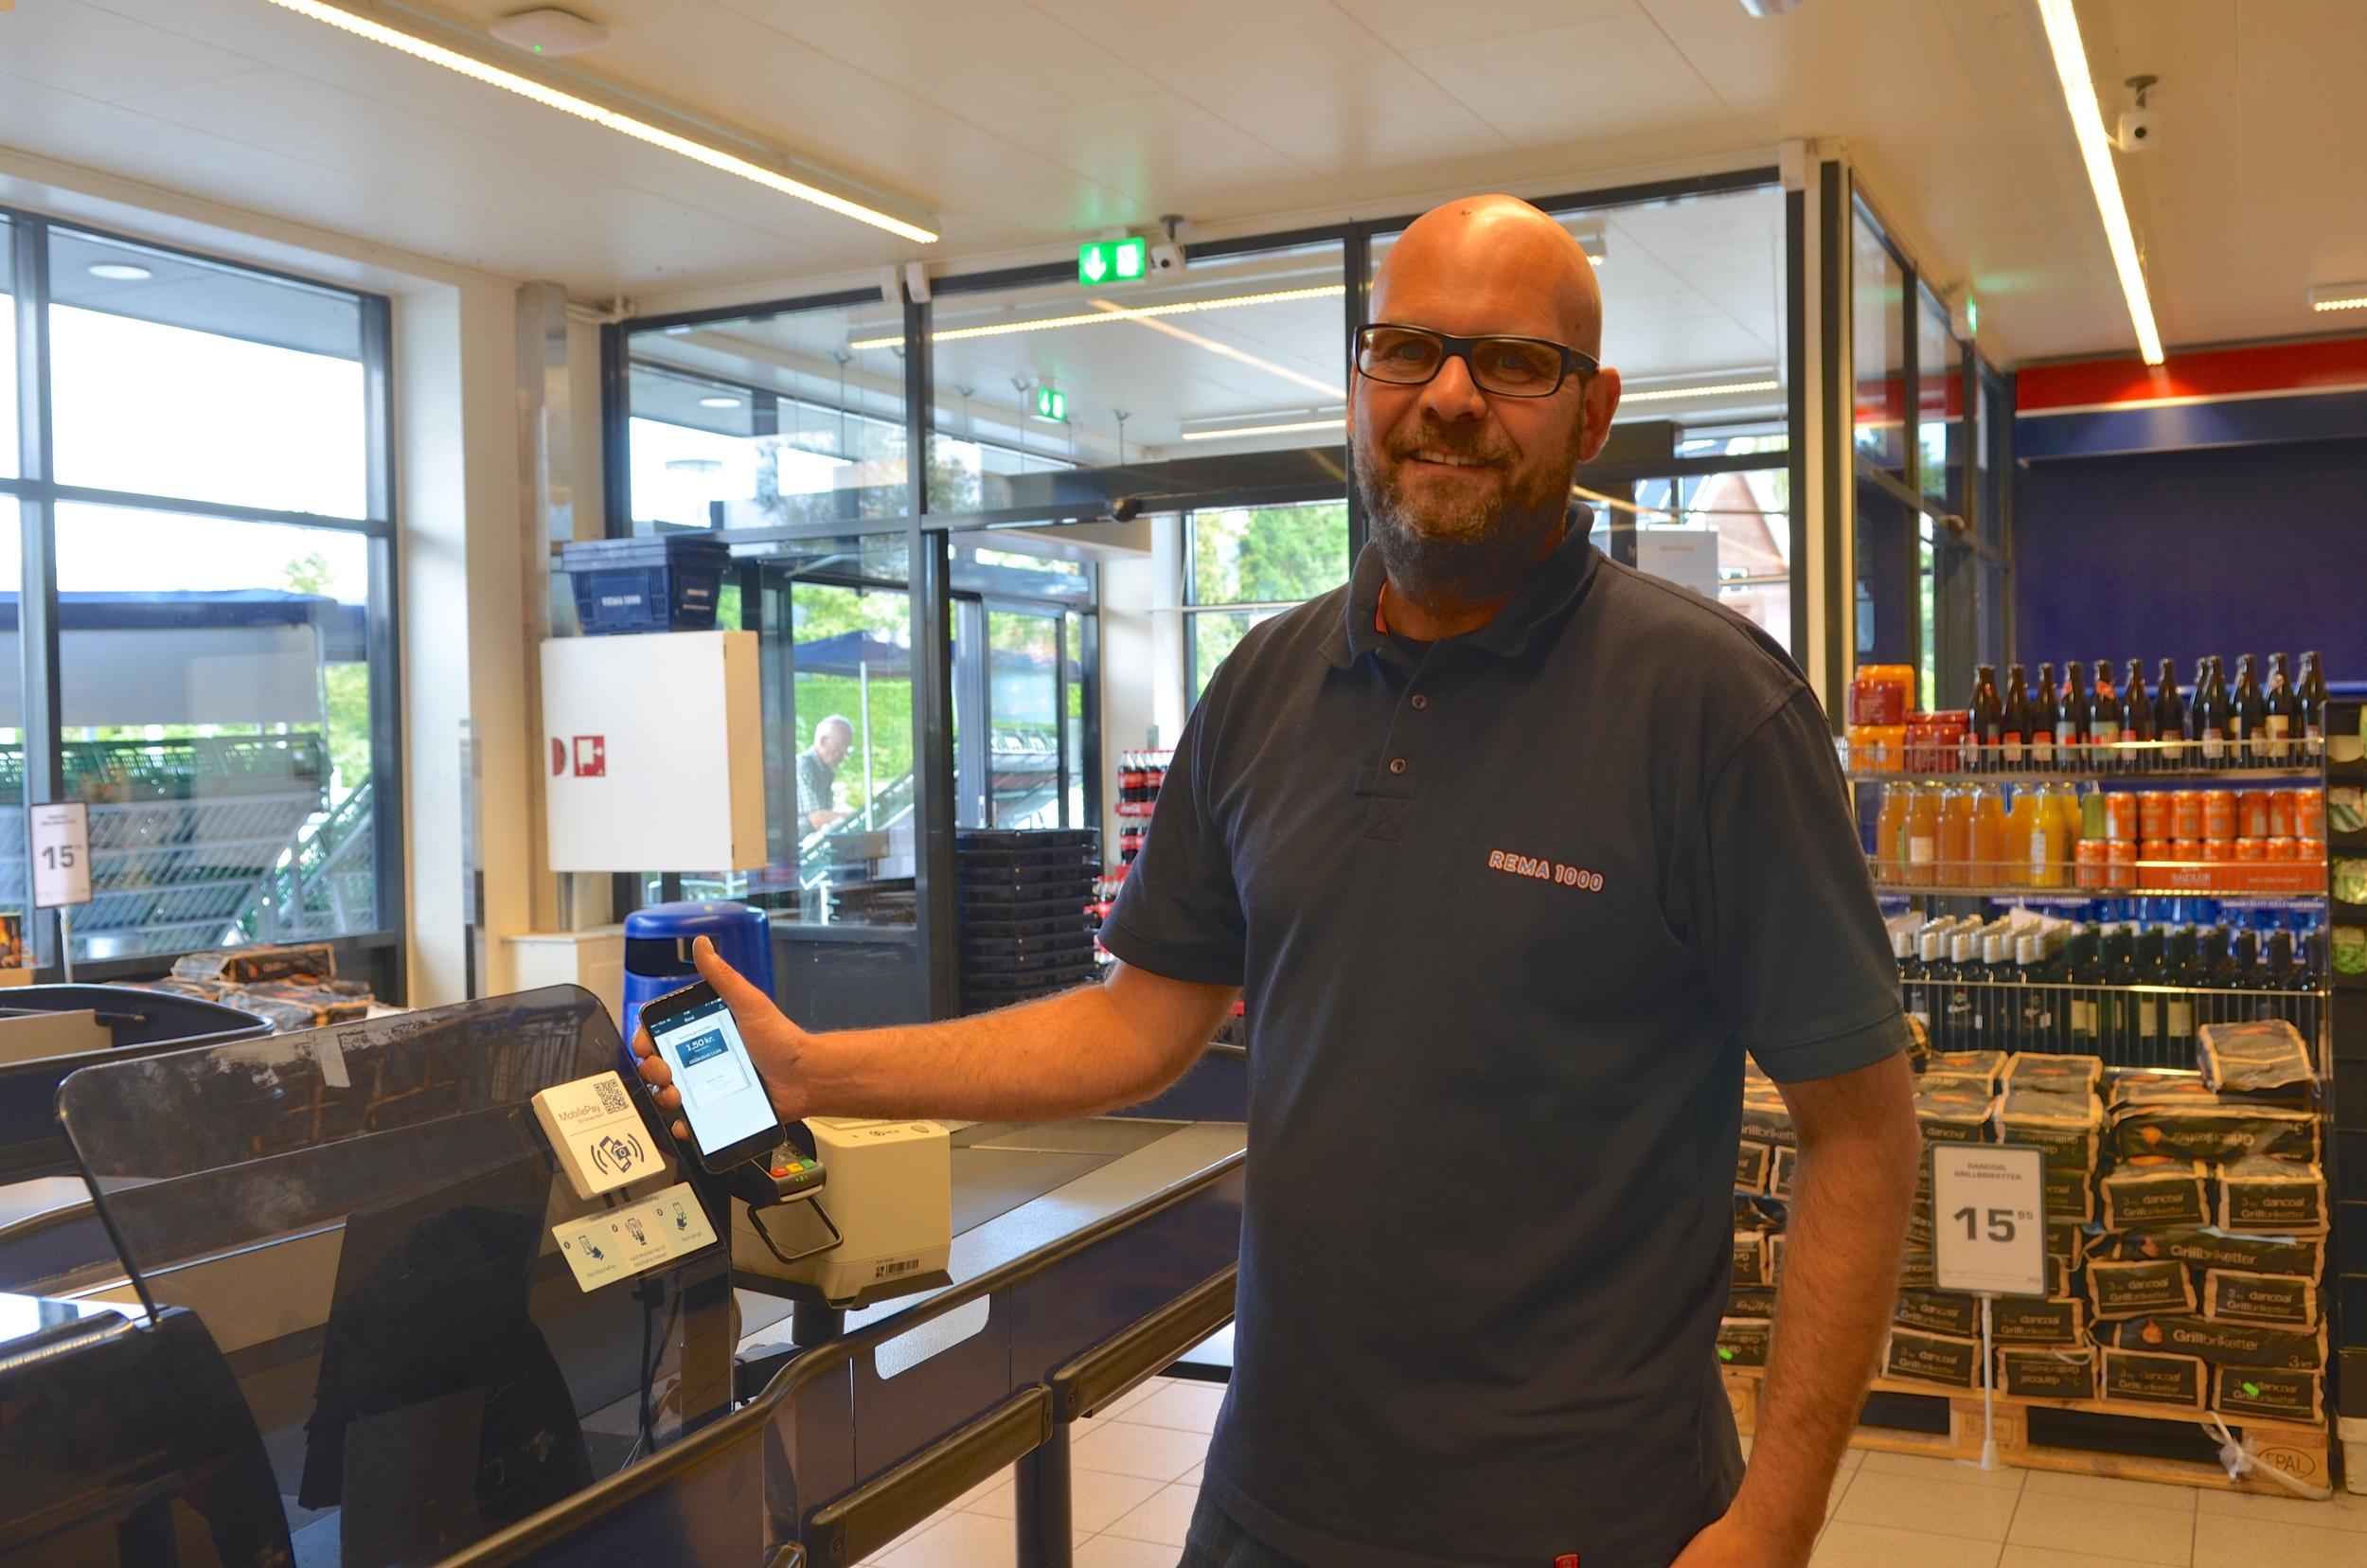 Købmand Lars Bo Christensen - fra Rema 1000 i Blovstrød - viser her, hvor enkelt det er at betale med 'Mobile Pay': Du holder blot din smartphone op foran scanneren og godkender beløbet. Foto: AOB